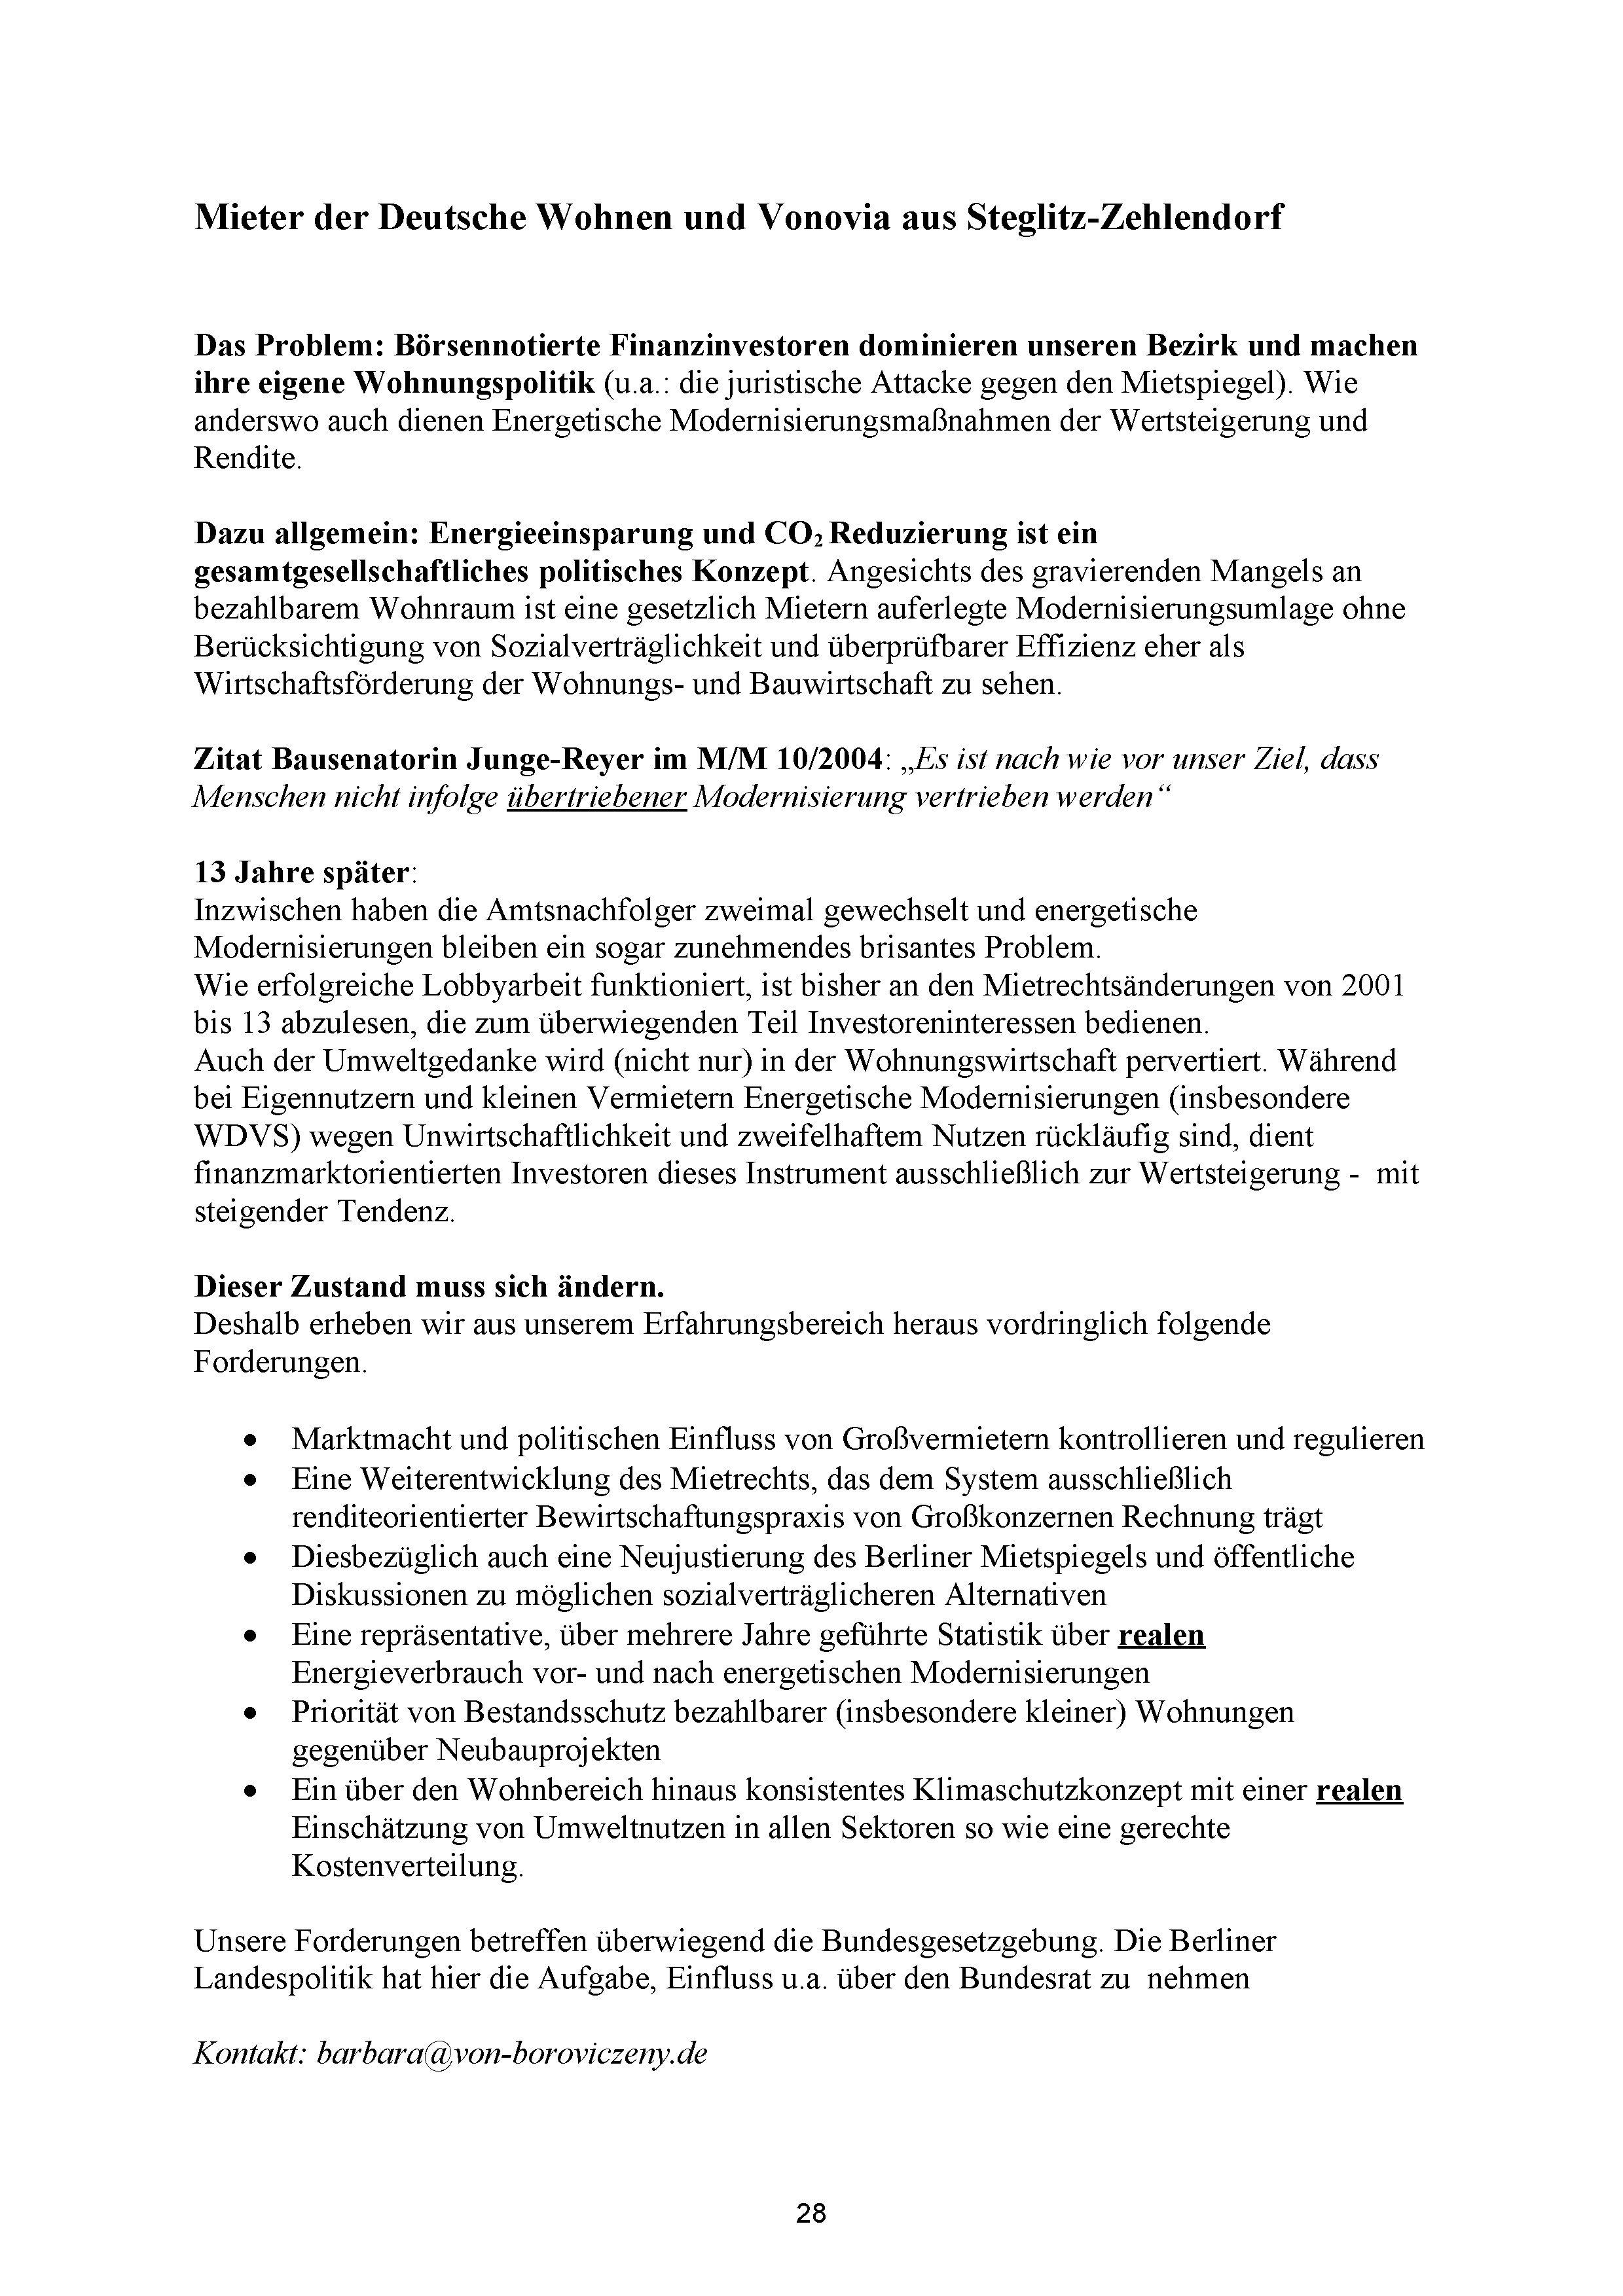 stadtpolitisches_hearing_021116_pressemappe1_seite_21_09